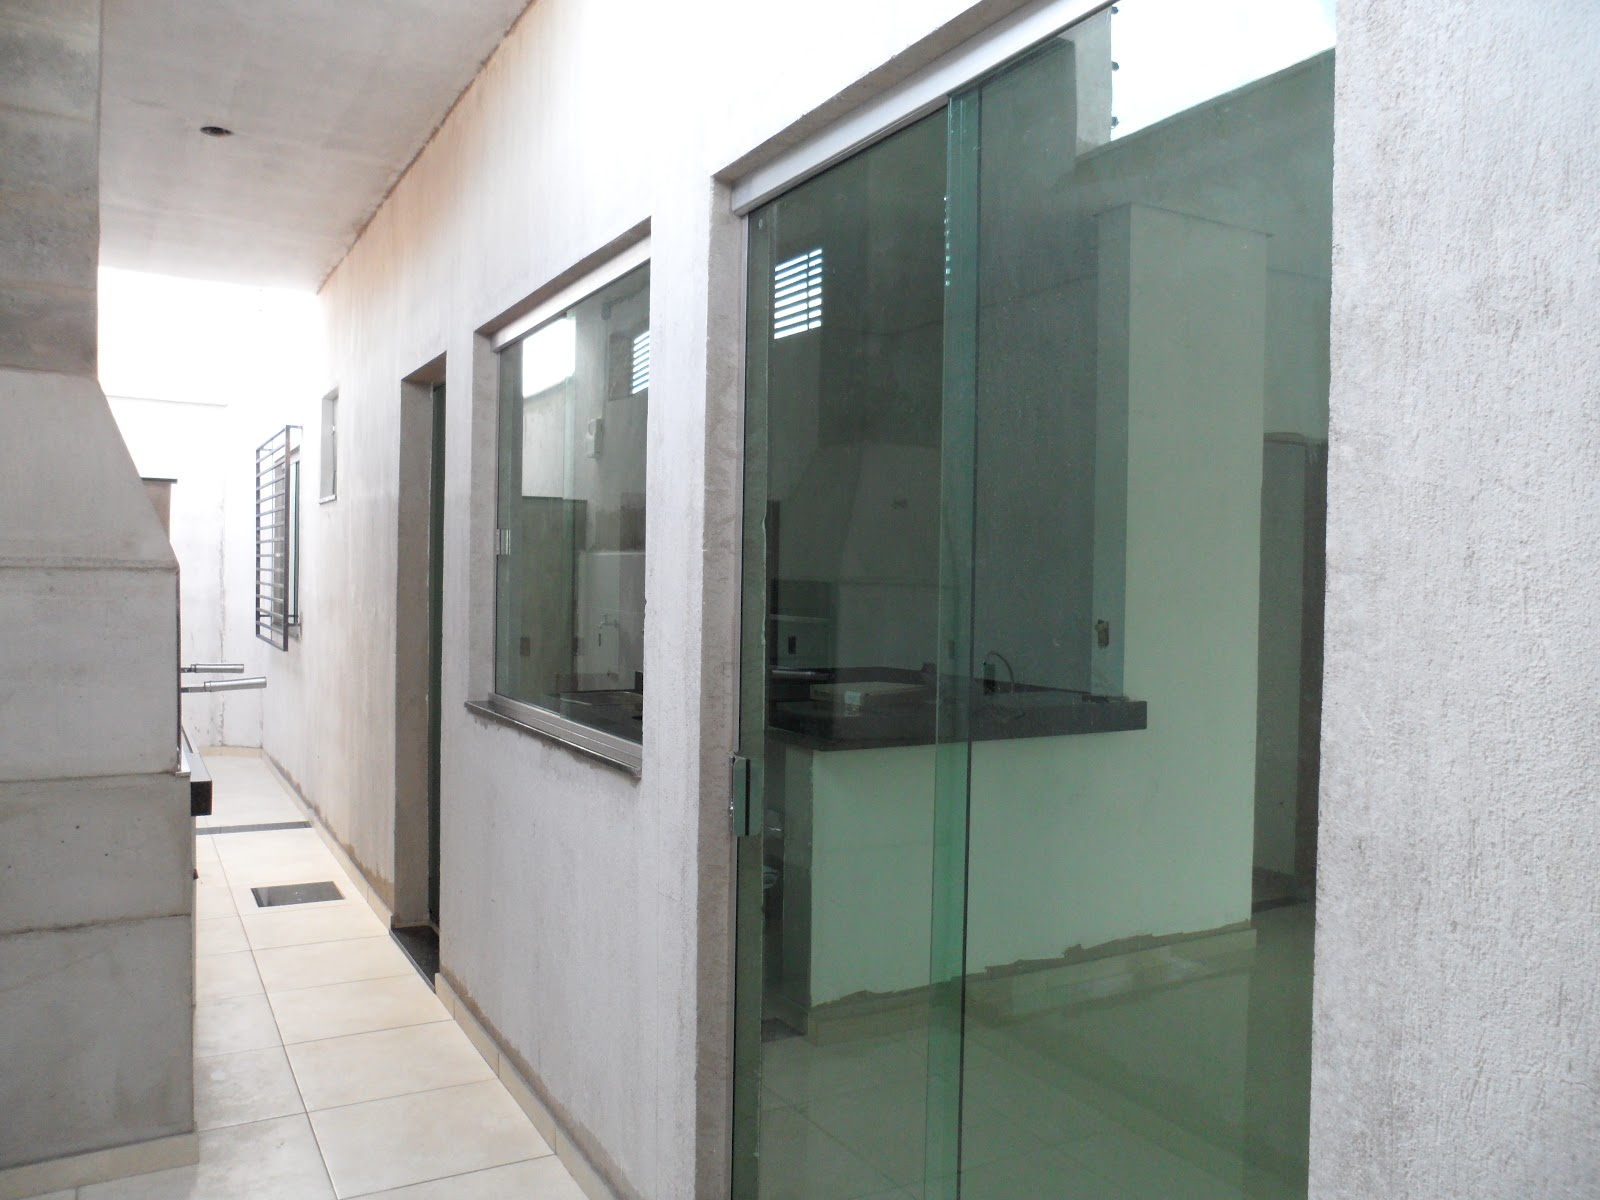 DIÁRIO DE CONSTRUÇÃO DE UMA CASA PEQUENA: REVISÃO DA SEMANA  #756256 1600x1200 Banheiro Com Janela Interna